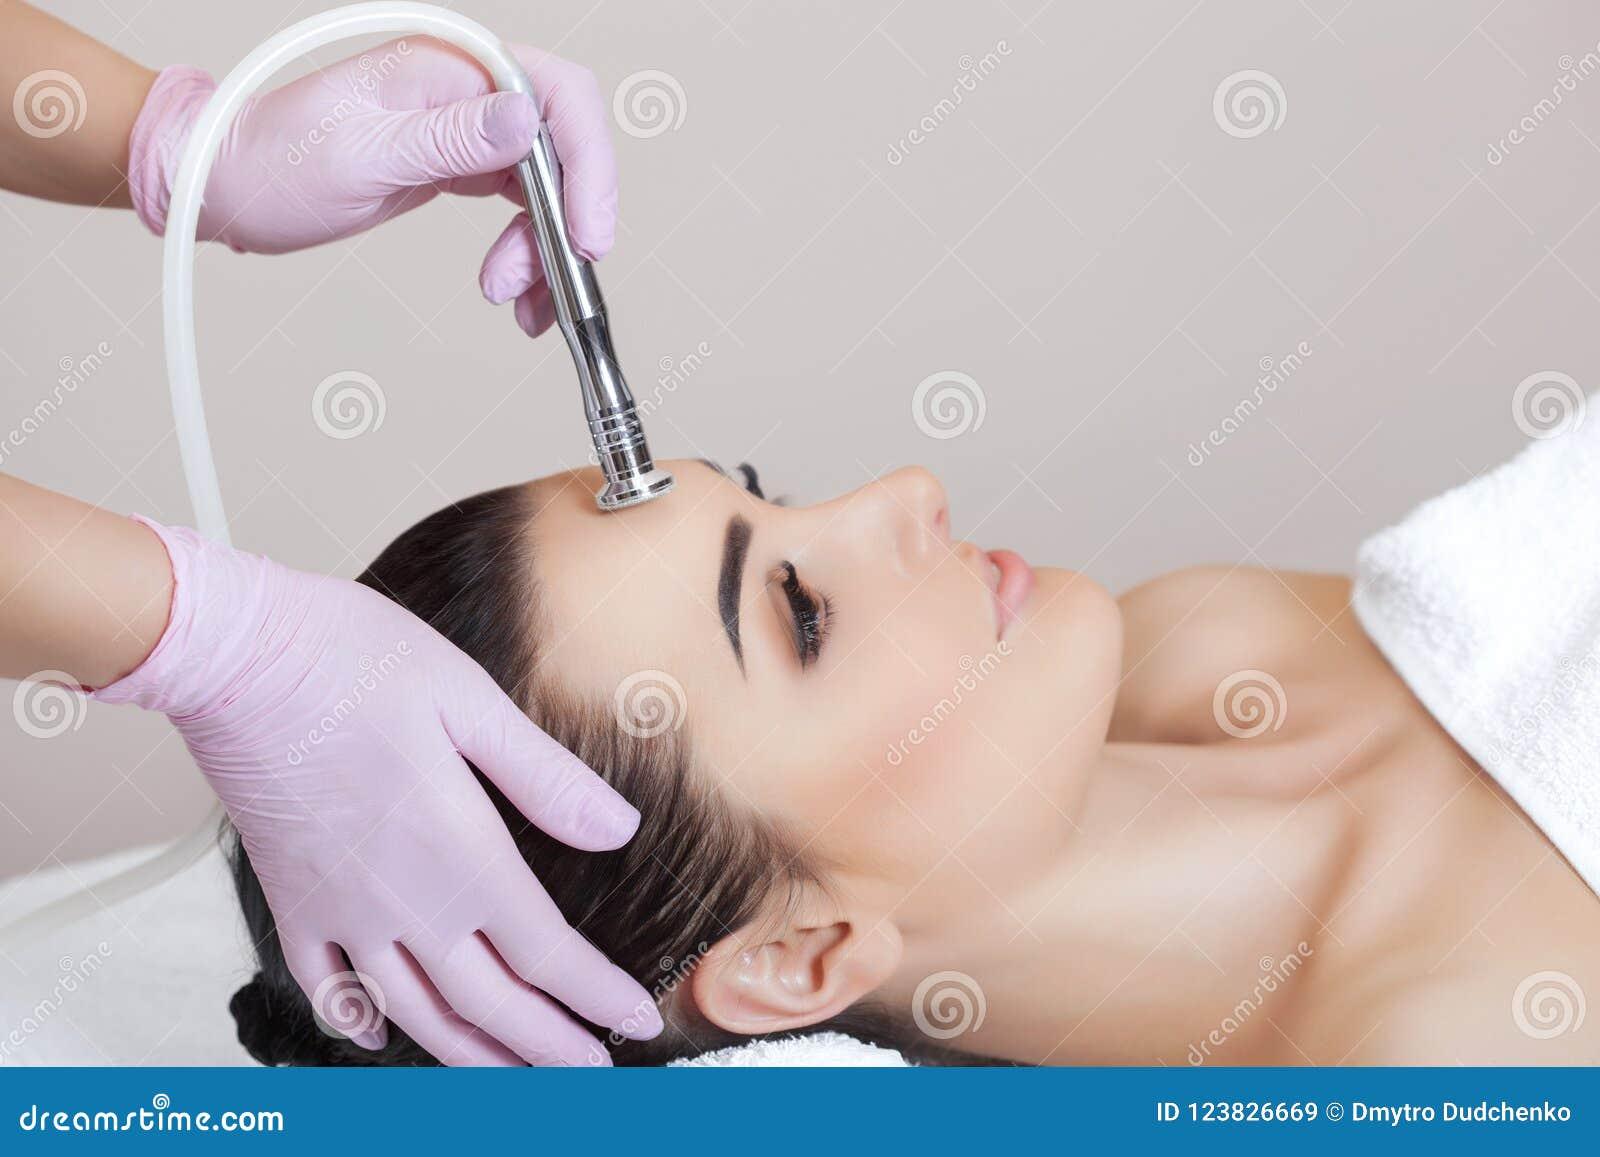 El cosmetologist hace el procedimiento Microdermabrasion de la piel facial de una mujer hermosa, joven en un salón de belleza